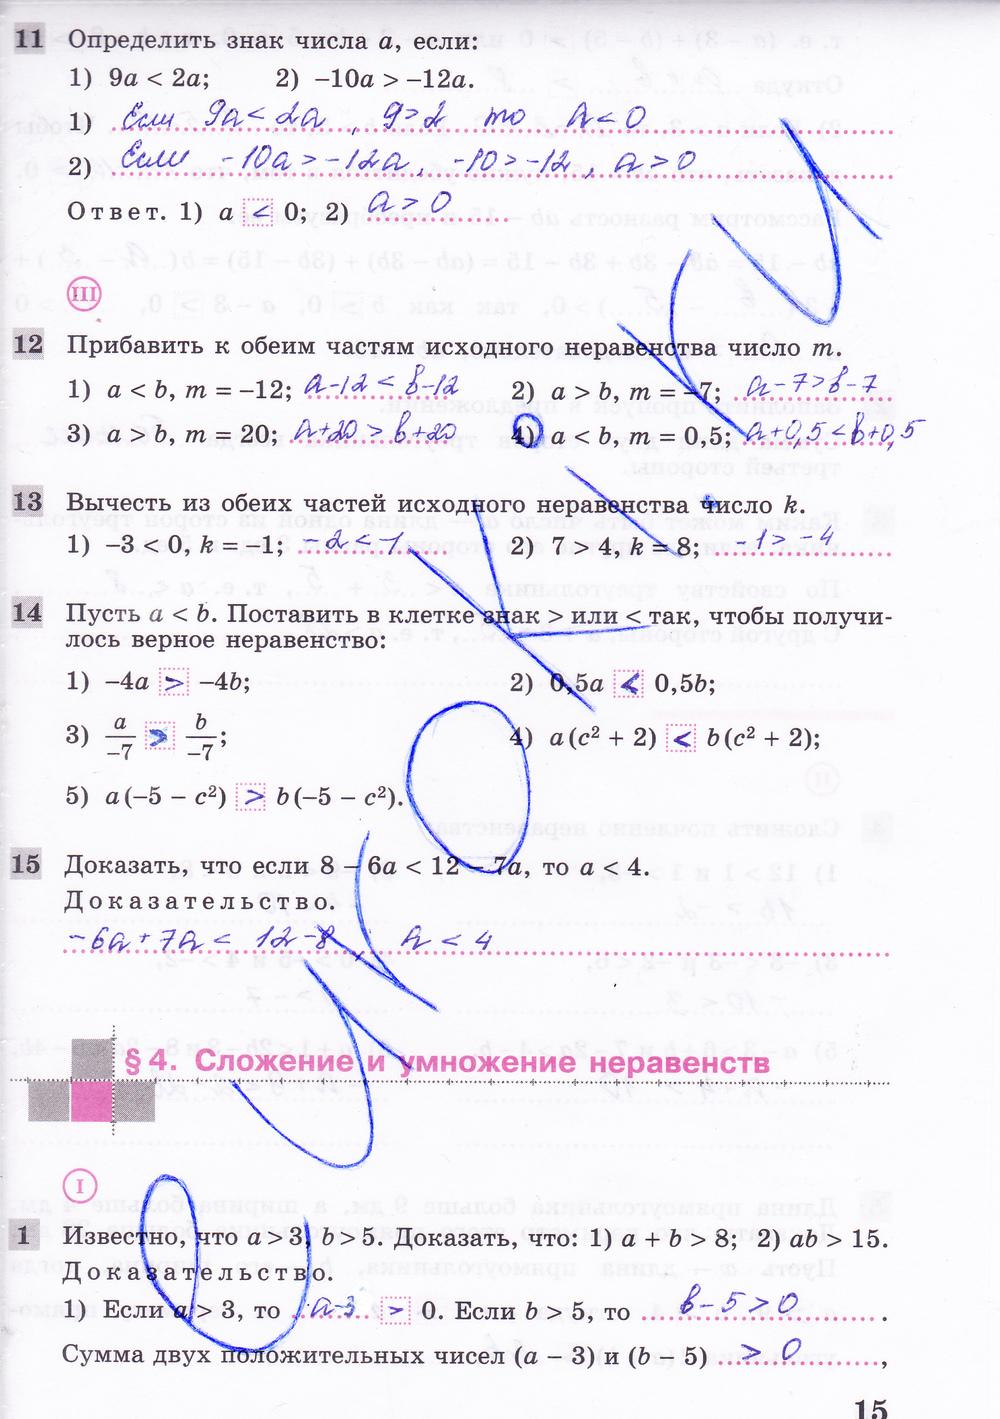 гдз по математики 8 класс колягин